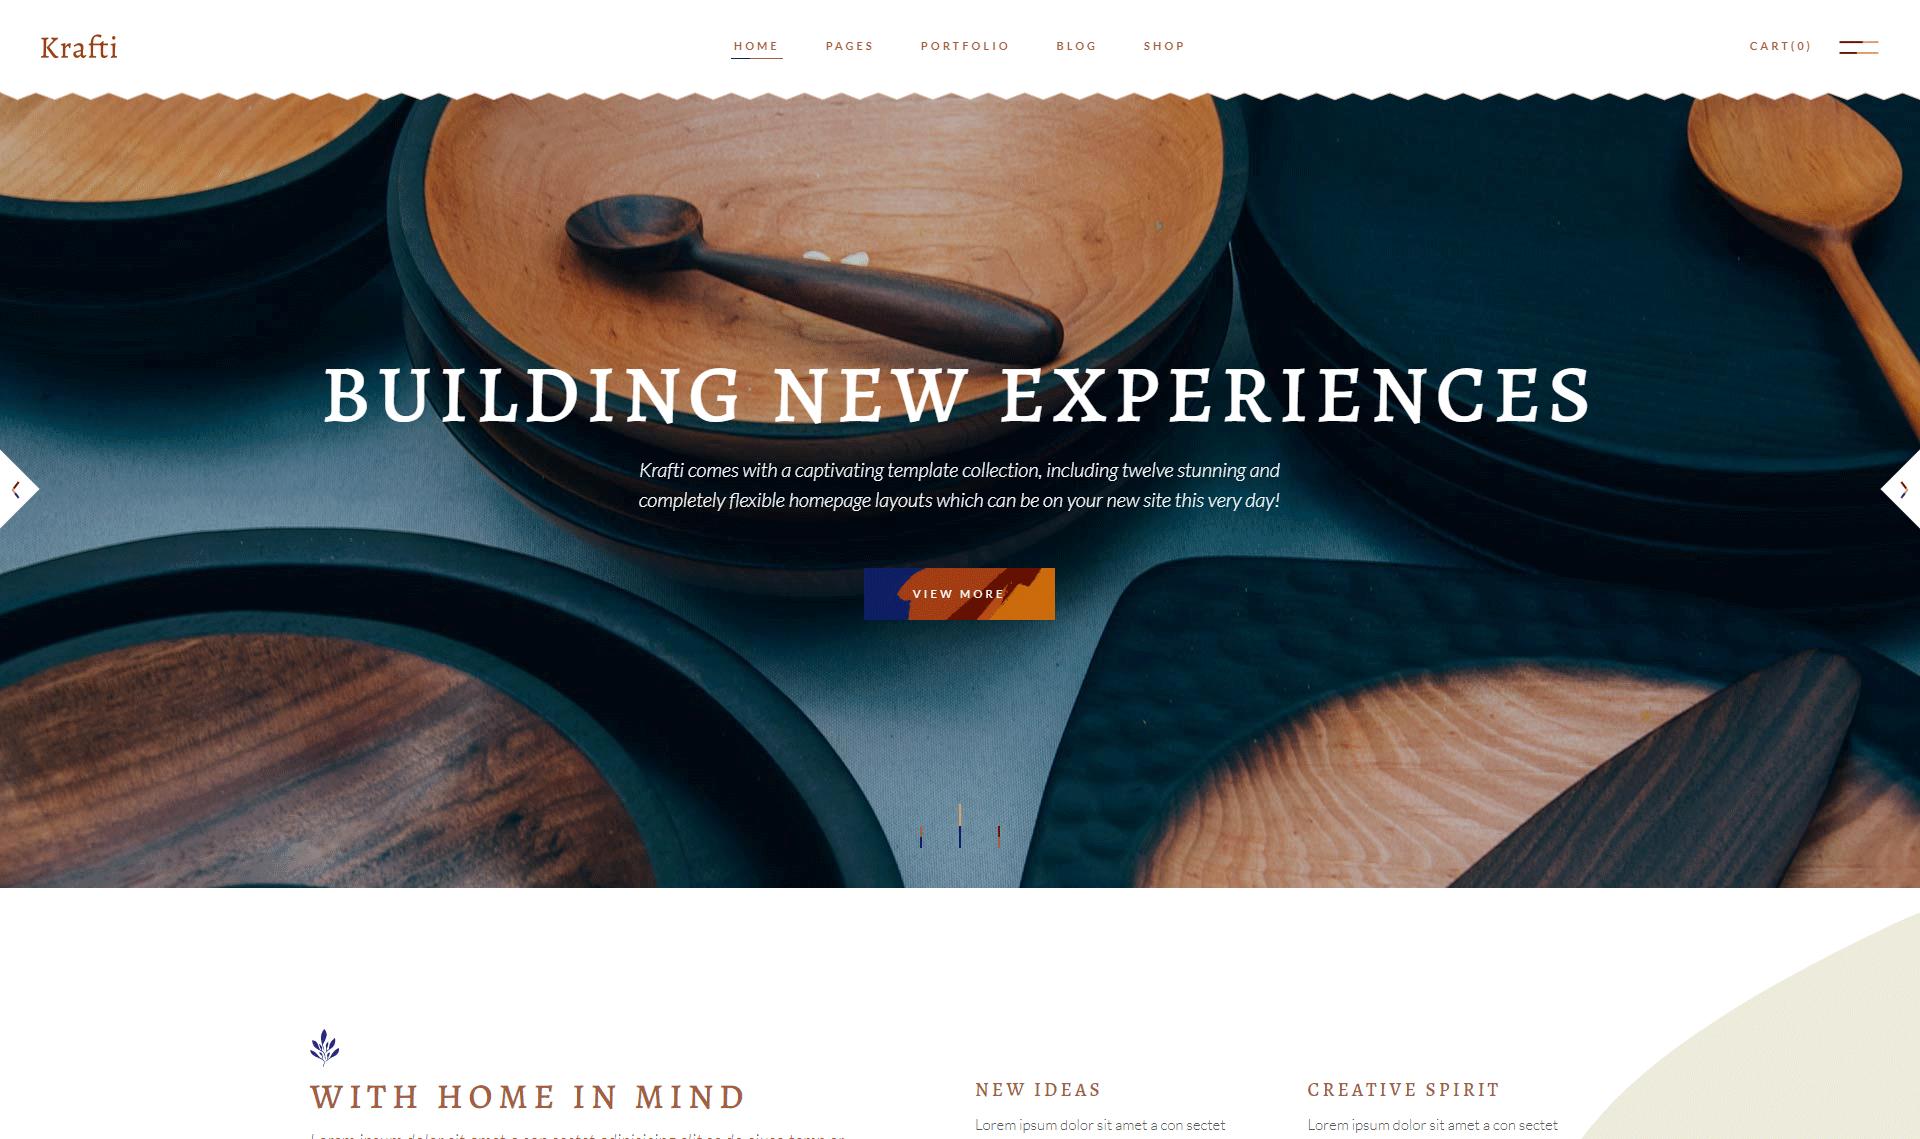 Krafti - Arts & Crafts WordPress Theme